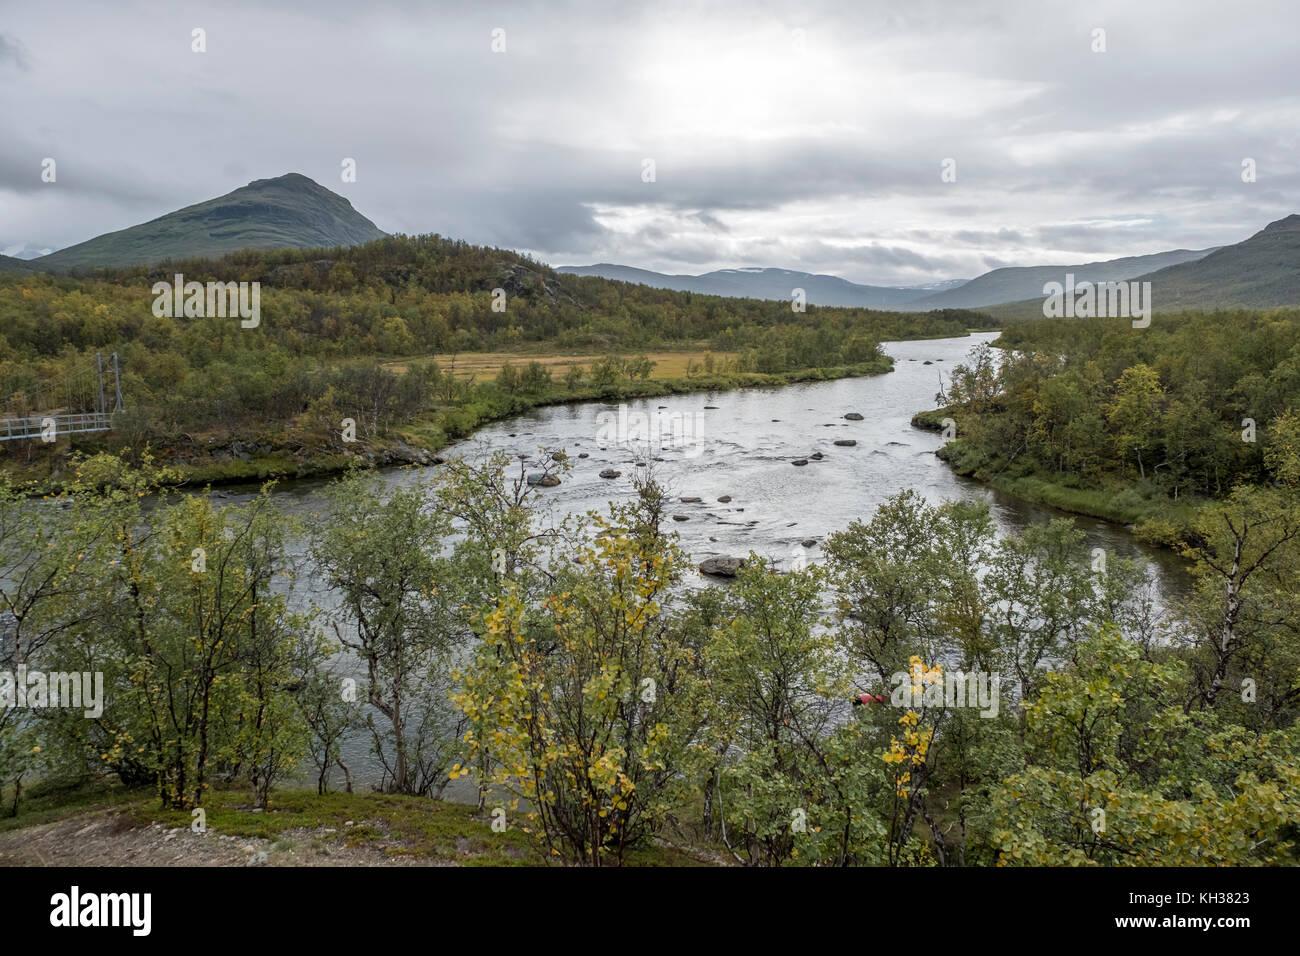 Kungsleden Trail, Sweden - Stock Image